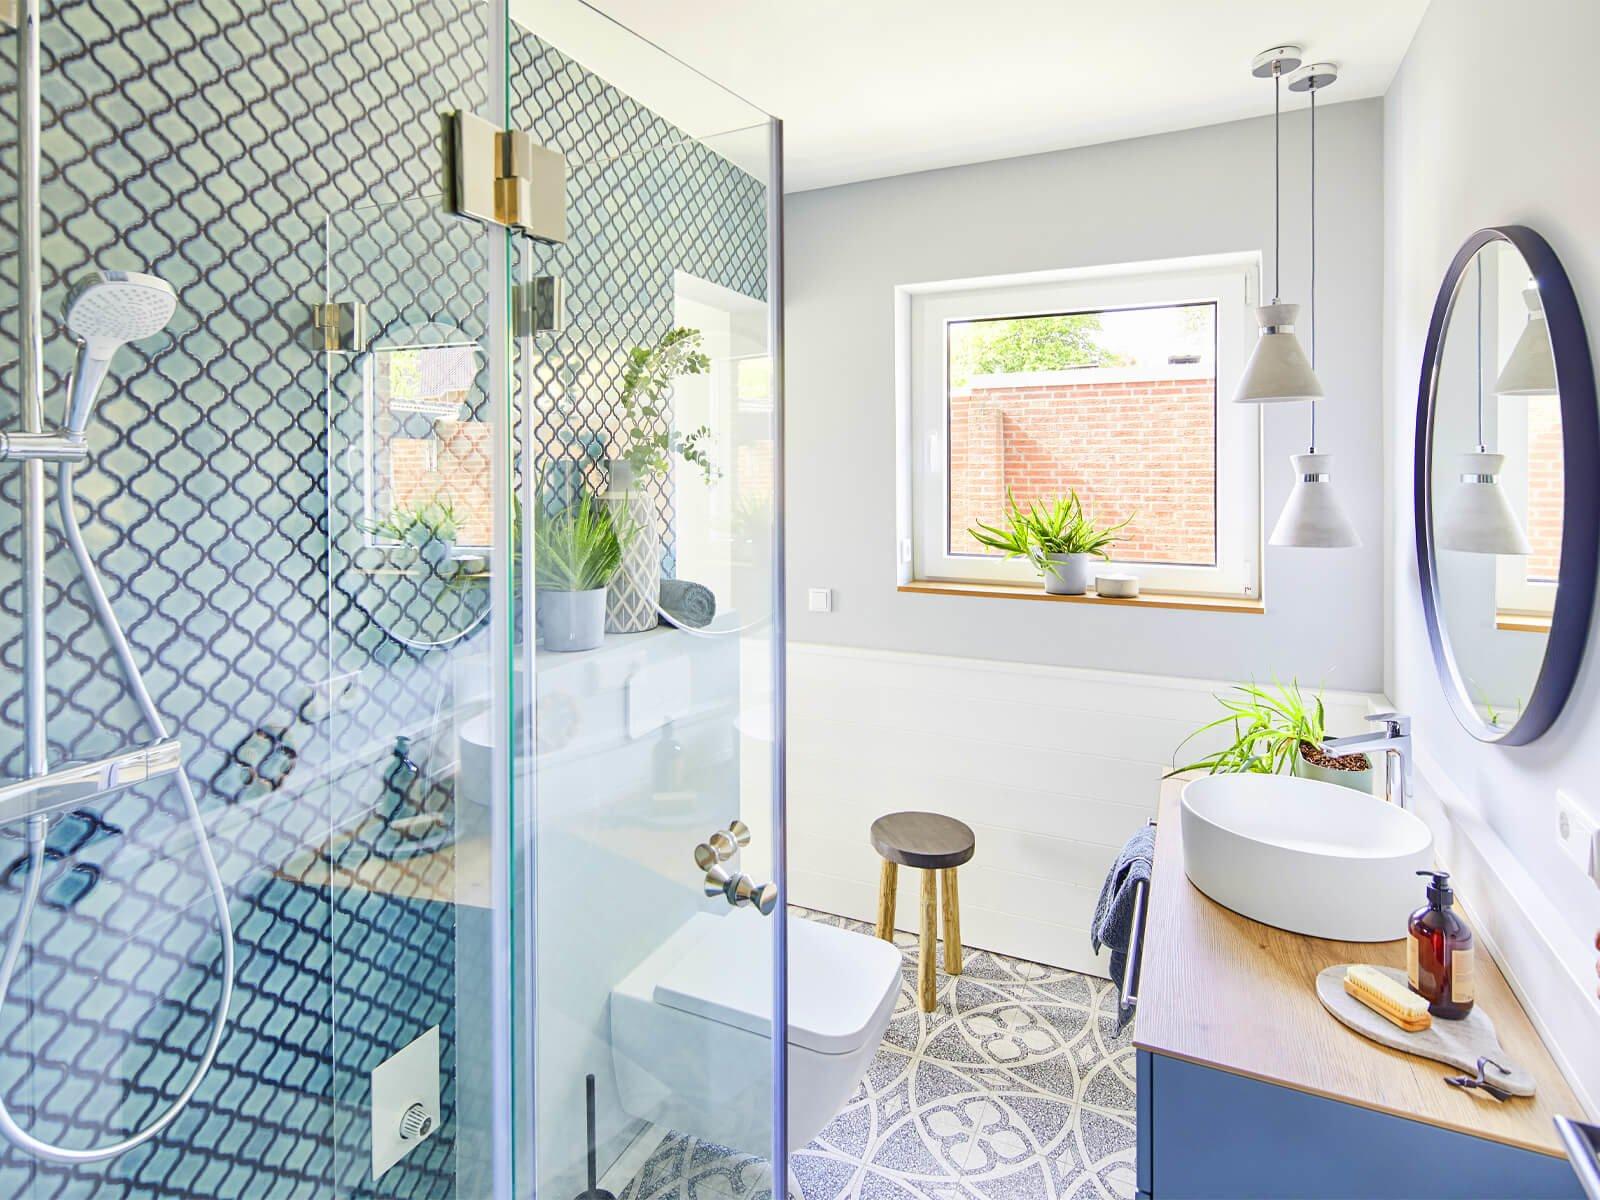 Faltbare Duschkabine als Eckeinbau im Badezimmer